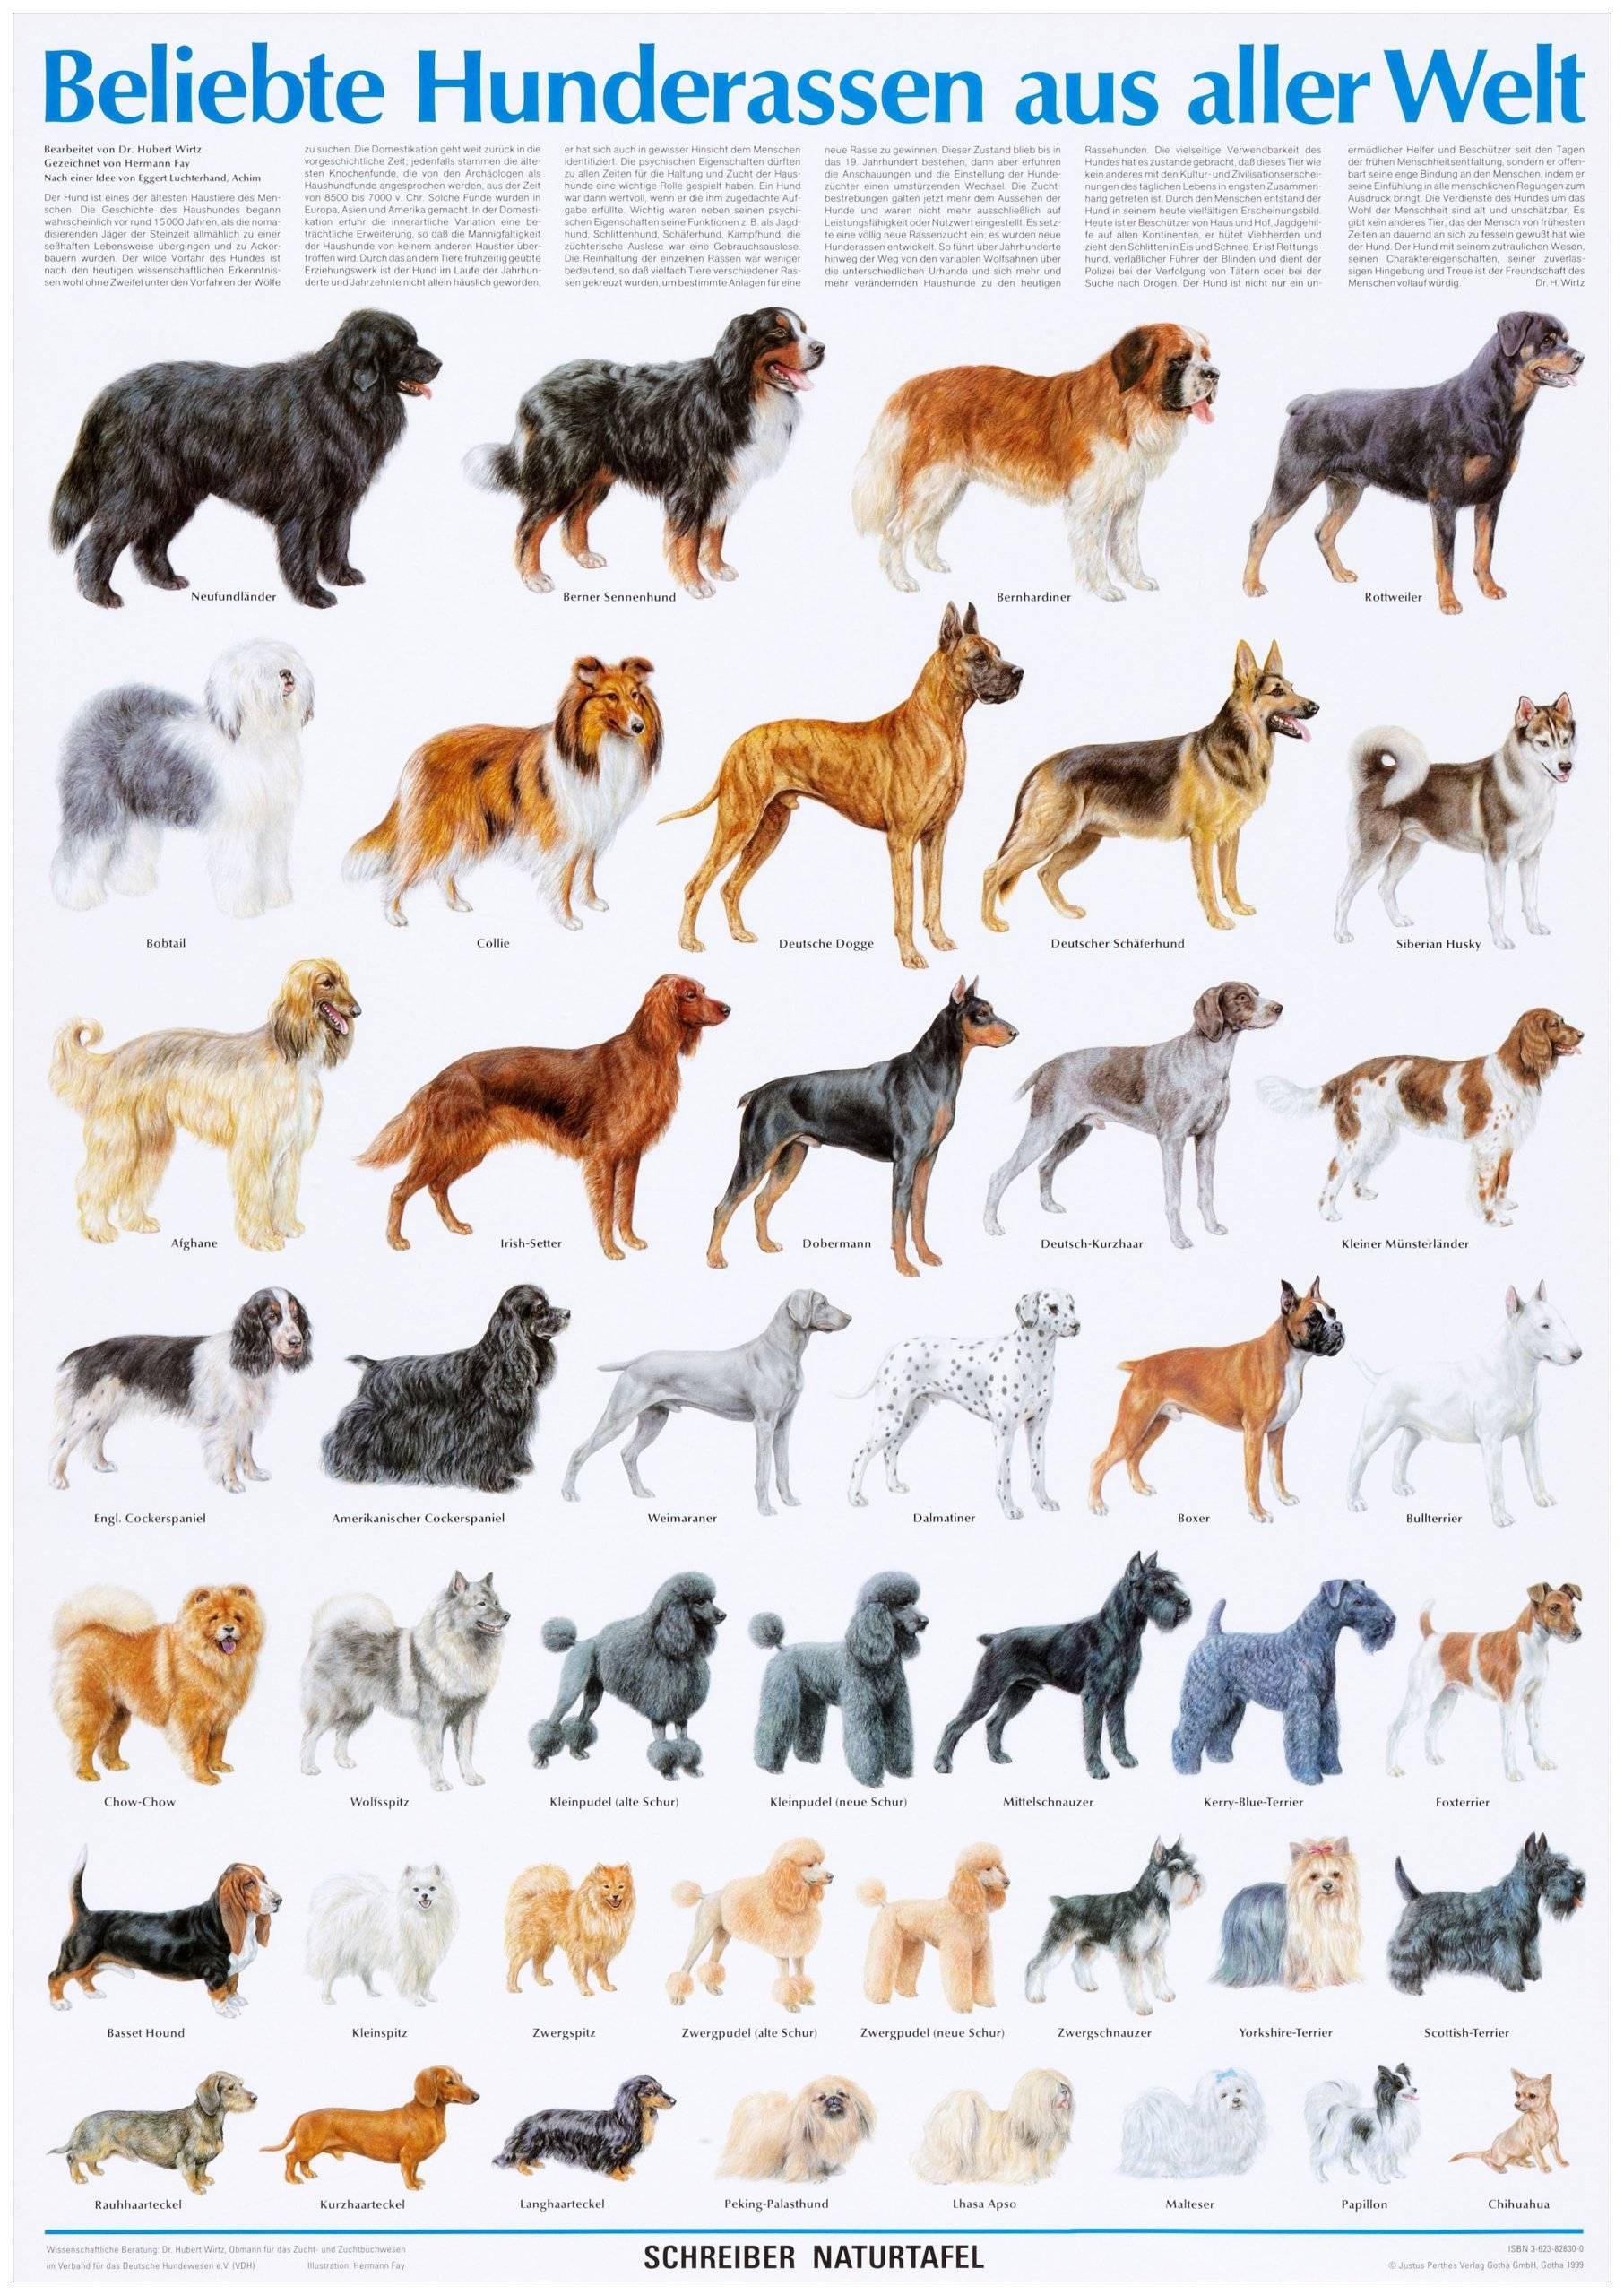 Лучшие охотничьи породы собак с фотографиями и ценами